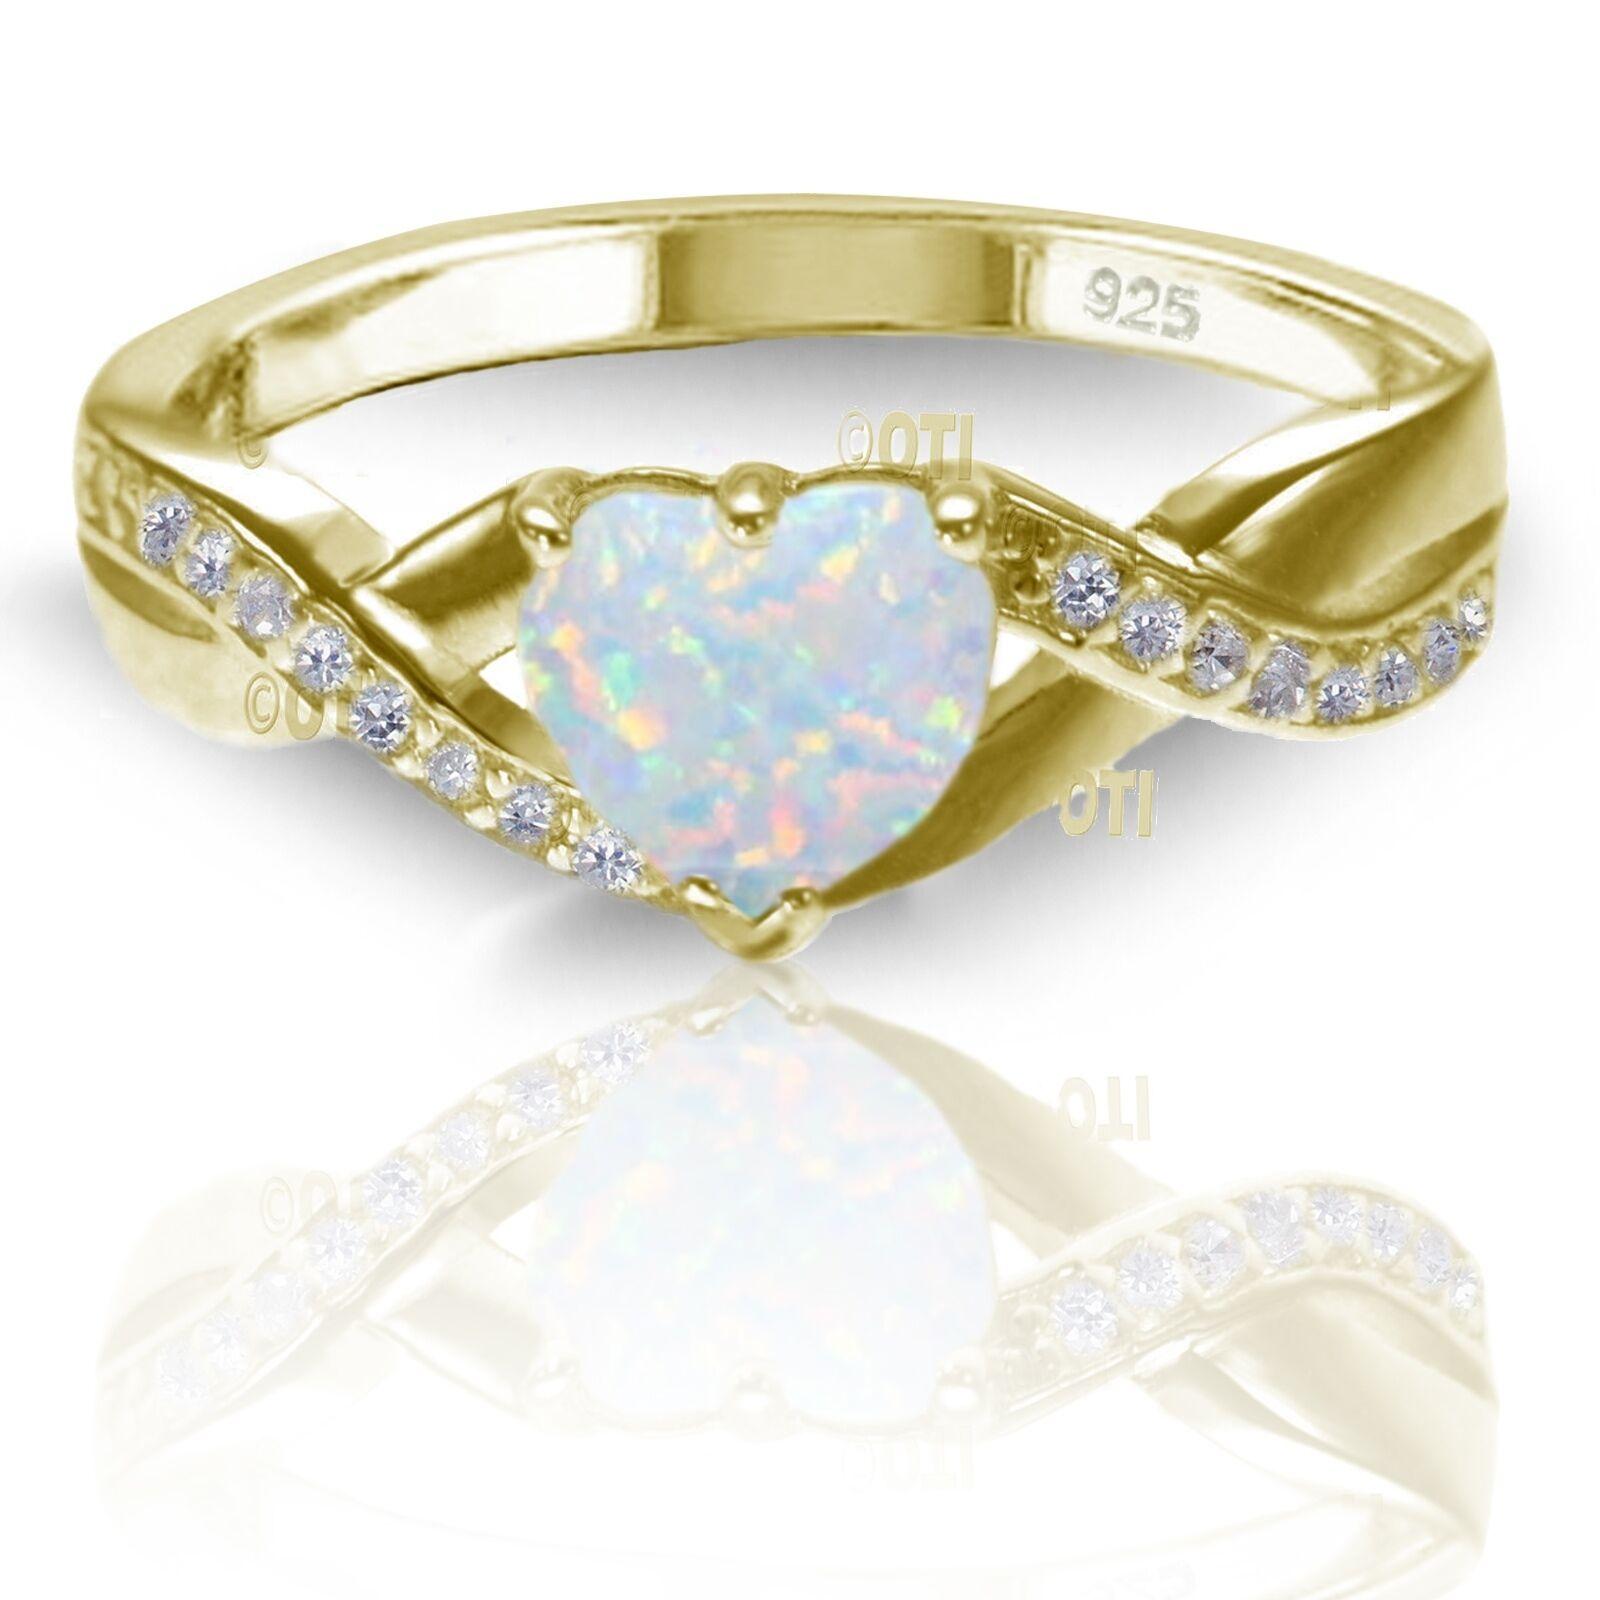 18k Placcato oro Giallo Giallo Giallo Bianco Fuoco & Snow Opale Taglio a Cuore Infinity Anello b6b9e3